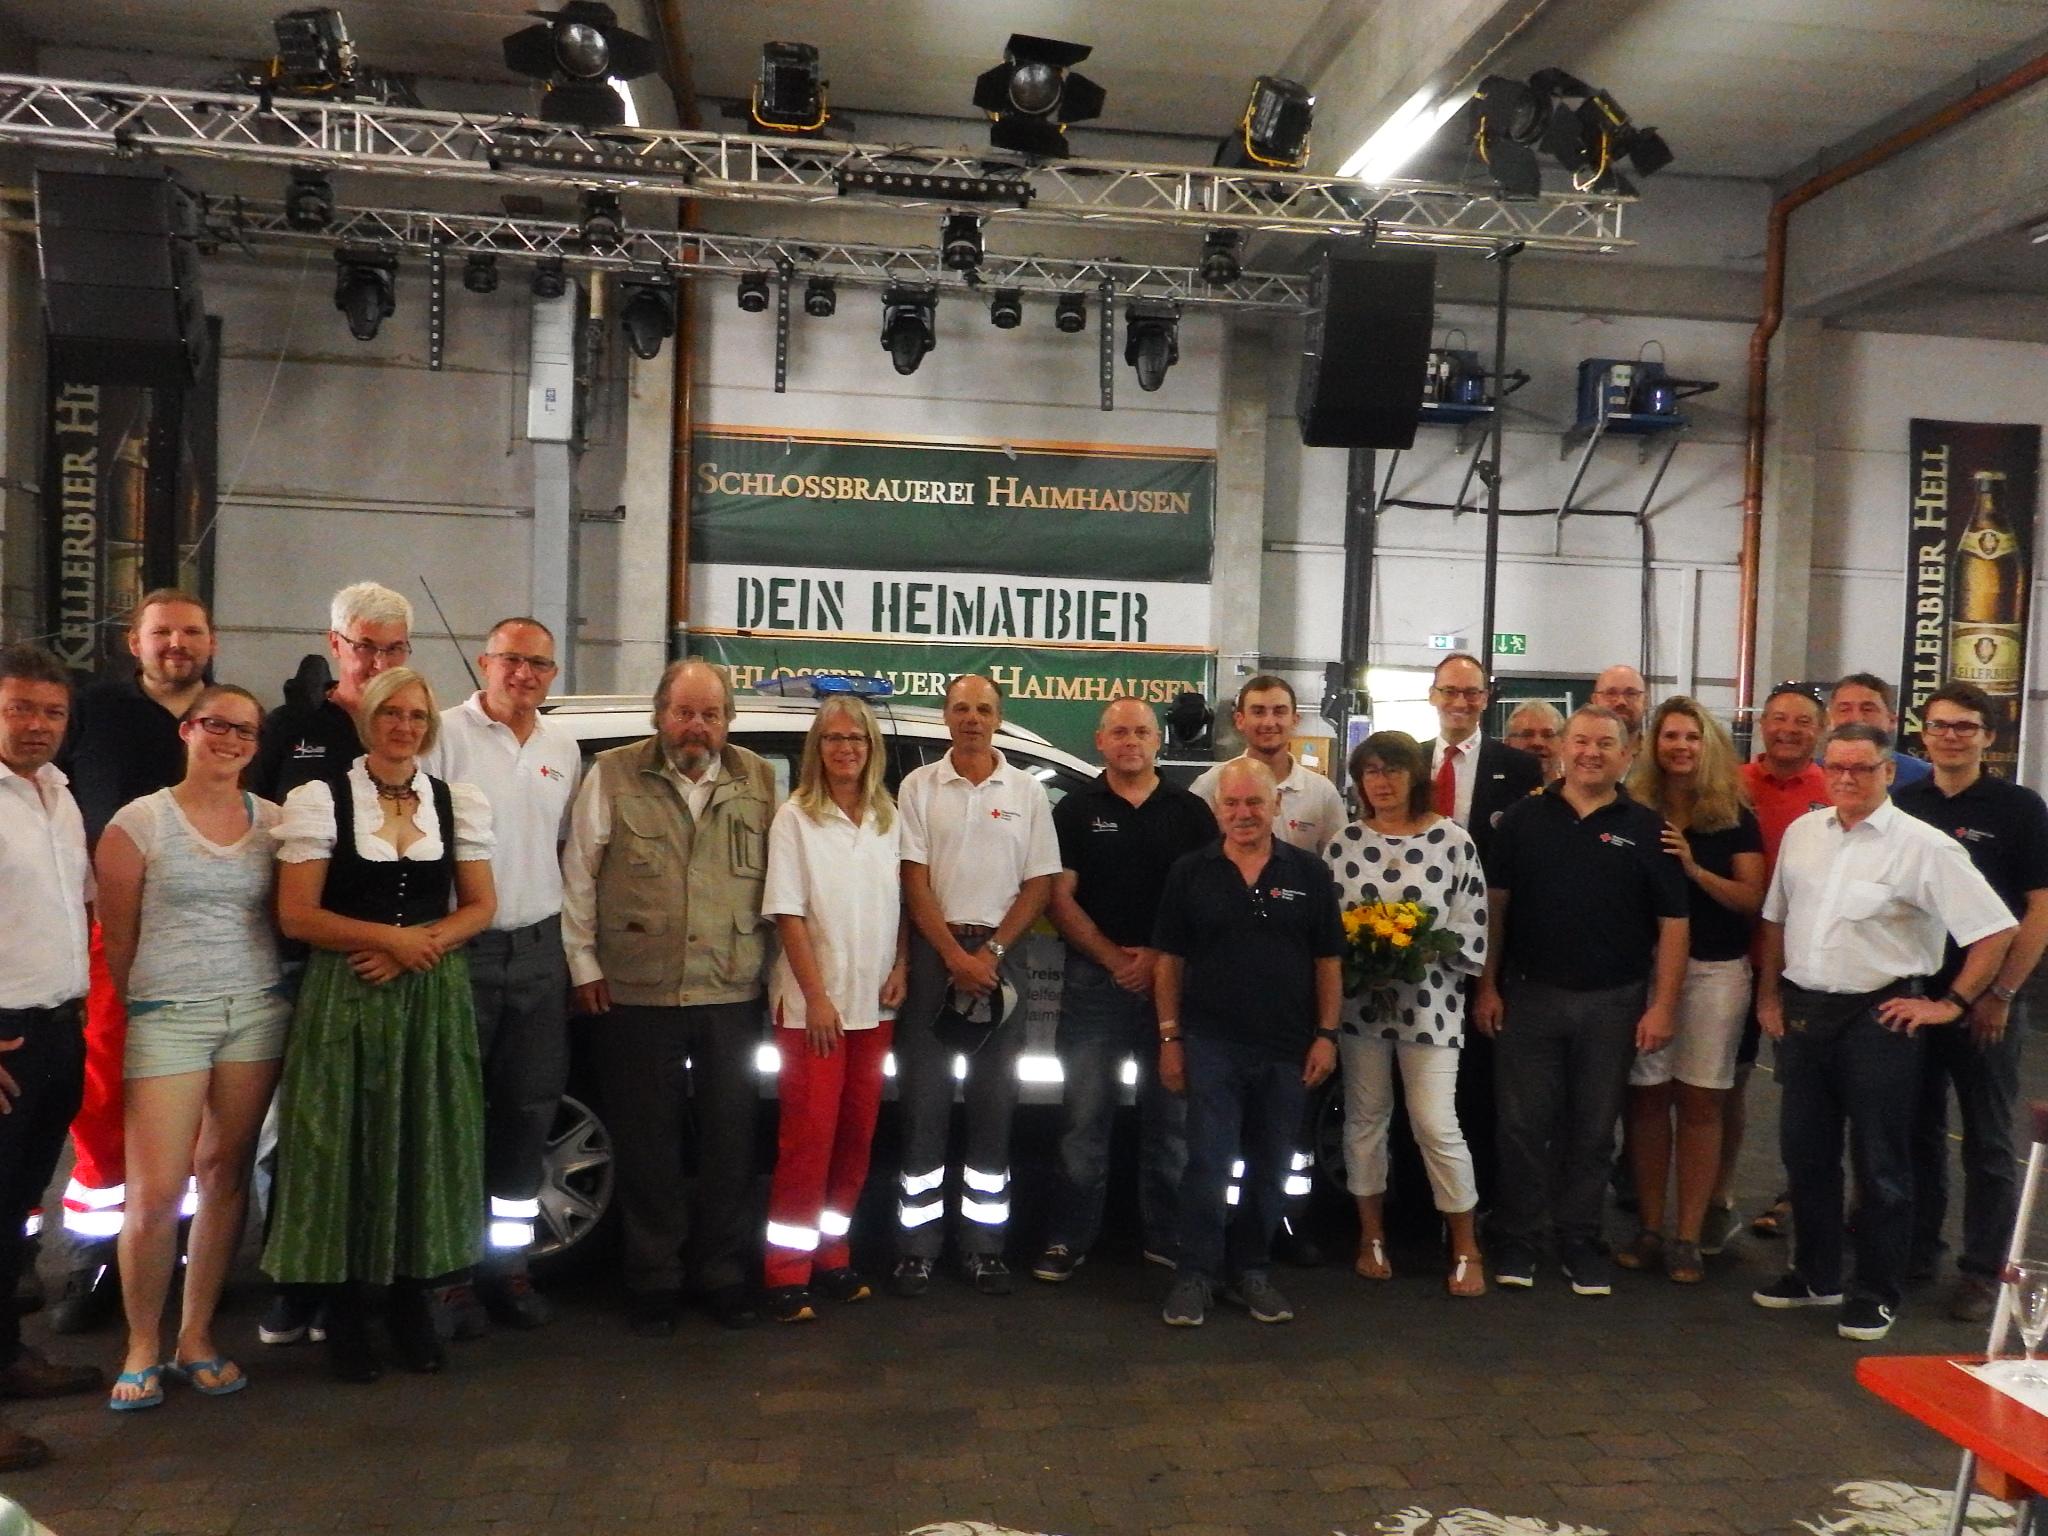 Der HvO Haimhausen feierte mit Bürgermeister Peter Felbermeier und dem BRK-Kreisvorsitzenden Bernhard Seidenath 25-jähriges Bestehen. Mitte: der Gründer Ekkehard Dehn (mit Weste), links daneben Harry Tettinger, 2. rechts daneben Michael Rank (HvO), 1. Reihe vorne Peter Rückert (dunkelblaues T-Shirt), neben ihm Emmi Rückert (HvO). Rechts hinten (rotes T-Shirt) Roland Lohrer (HvO). Rechts außen der stellvertr. BRK-Kreisgeschäftsführer Dennis Behrendt.